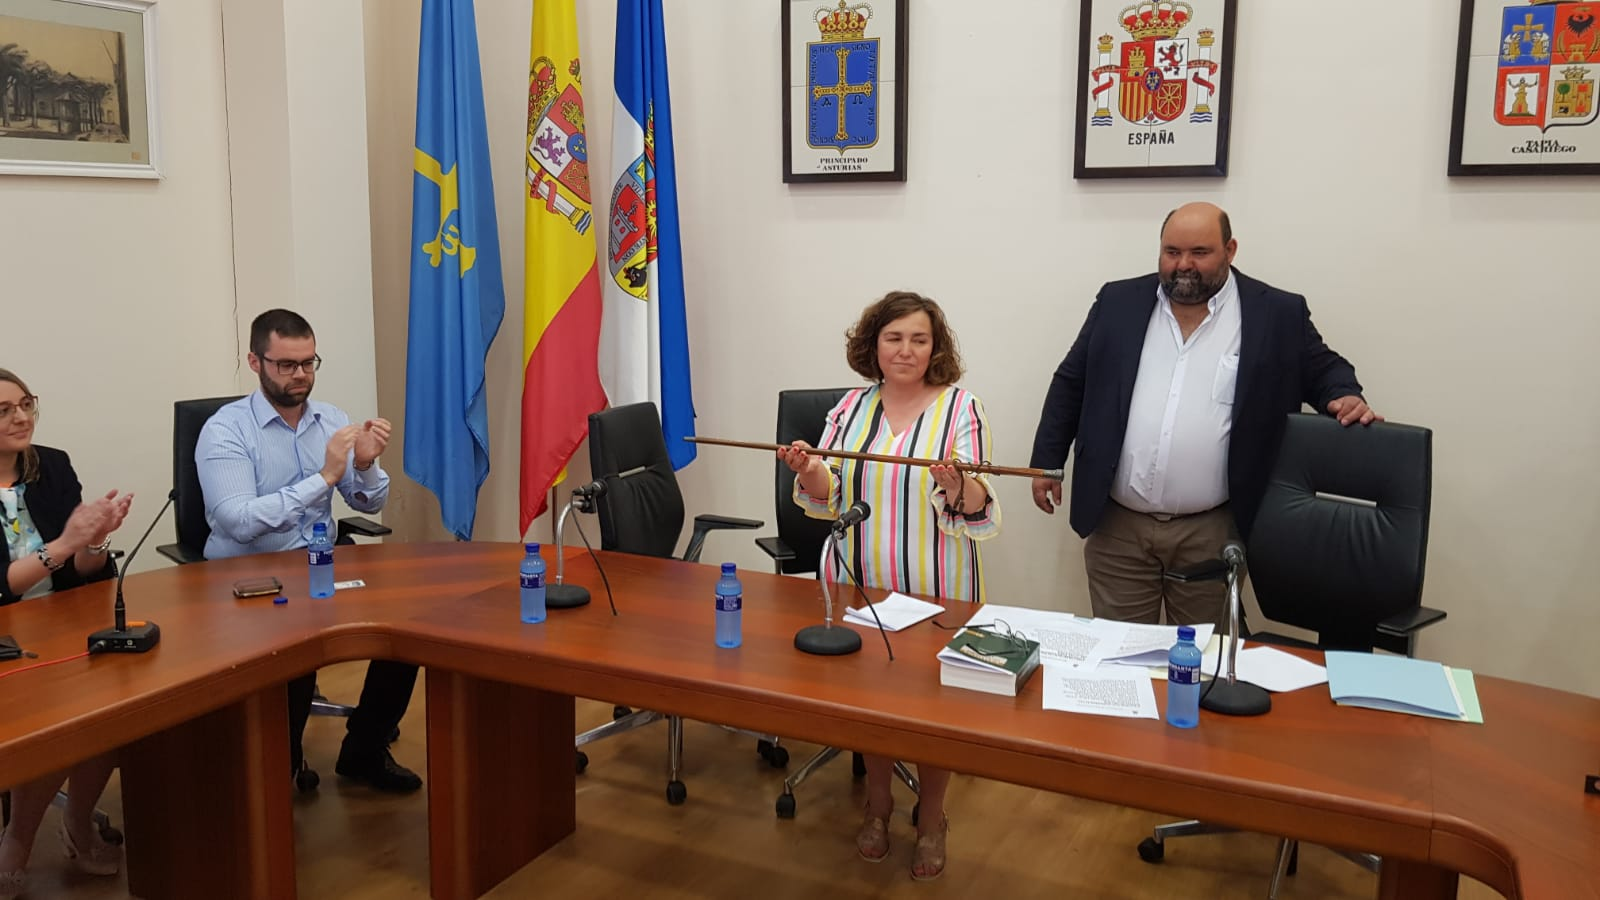 Marcelino Marcos (diputado PSOE) satisfecho con el acuerdo alcanzado en Tapia de Casariego